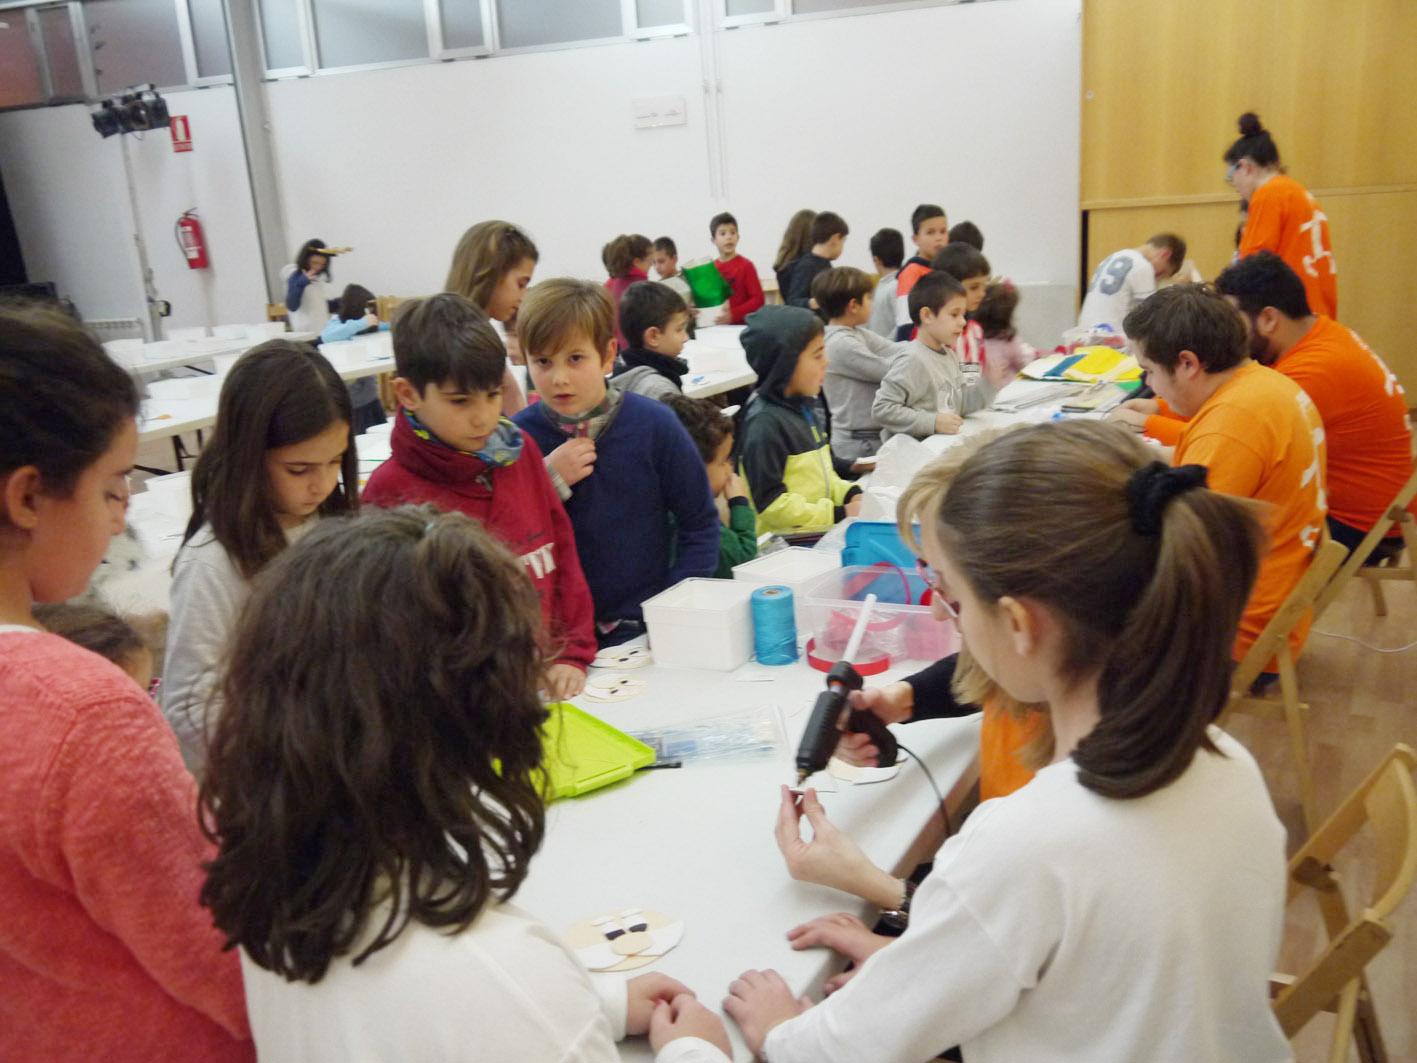 Avanza la programación navideña en Carbajosa y llegan los días más 'agitados'